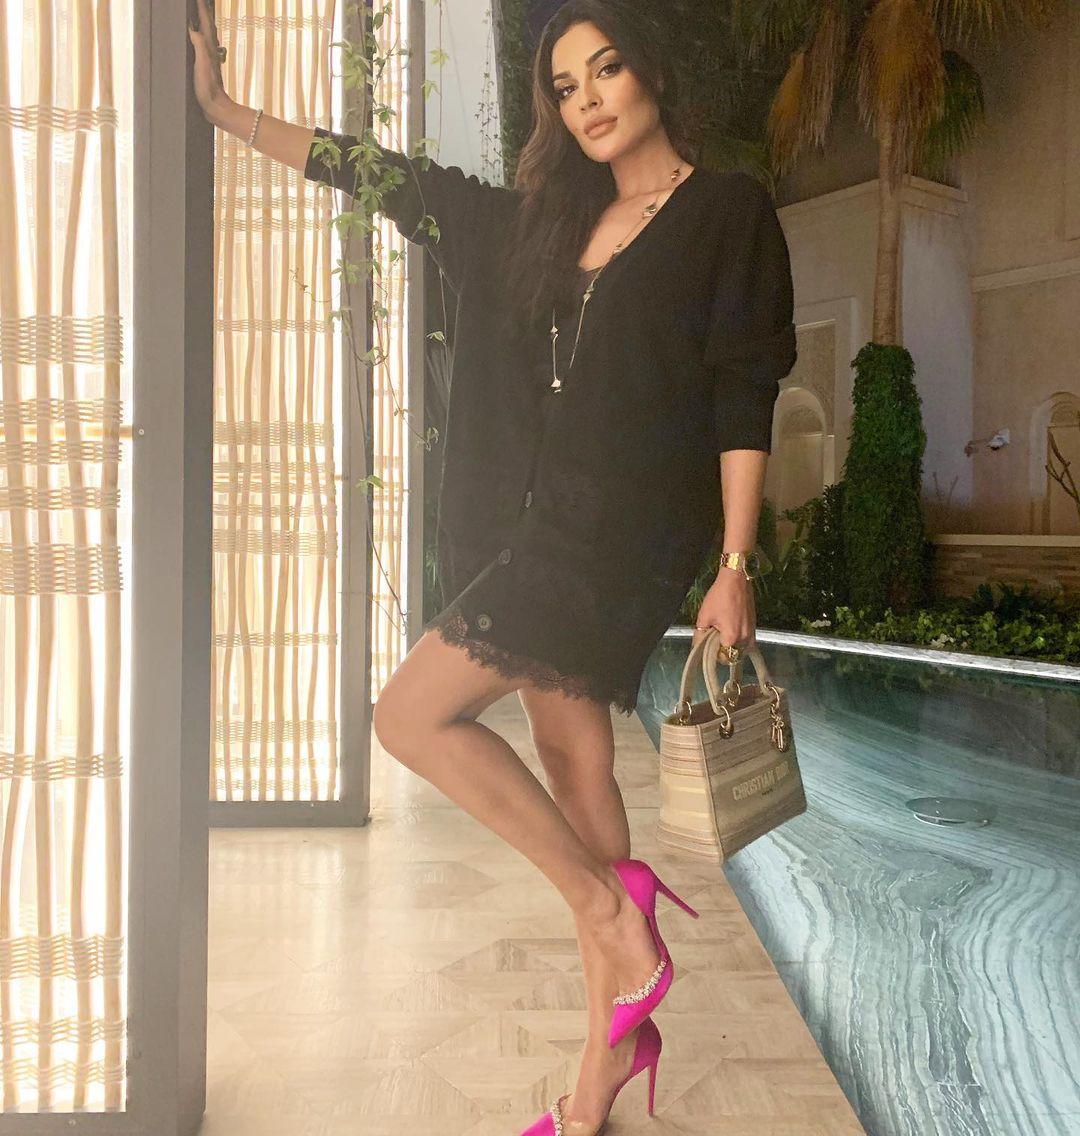 صورة نادين نسيب نجيم من انستغرامها الخاص كلام الصورة: نادين نسيب نجيم ترتدي زياً اسود وحذاء زهرياً.